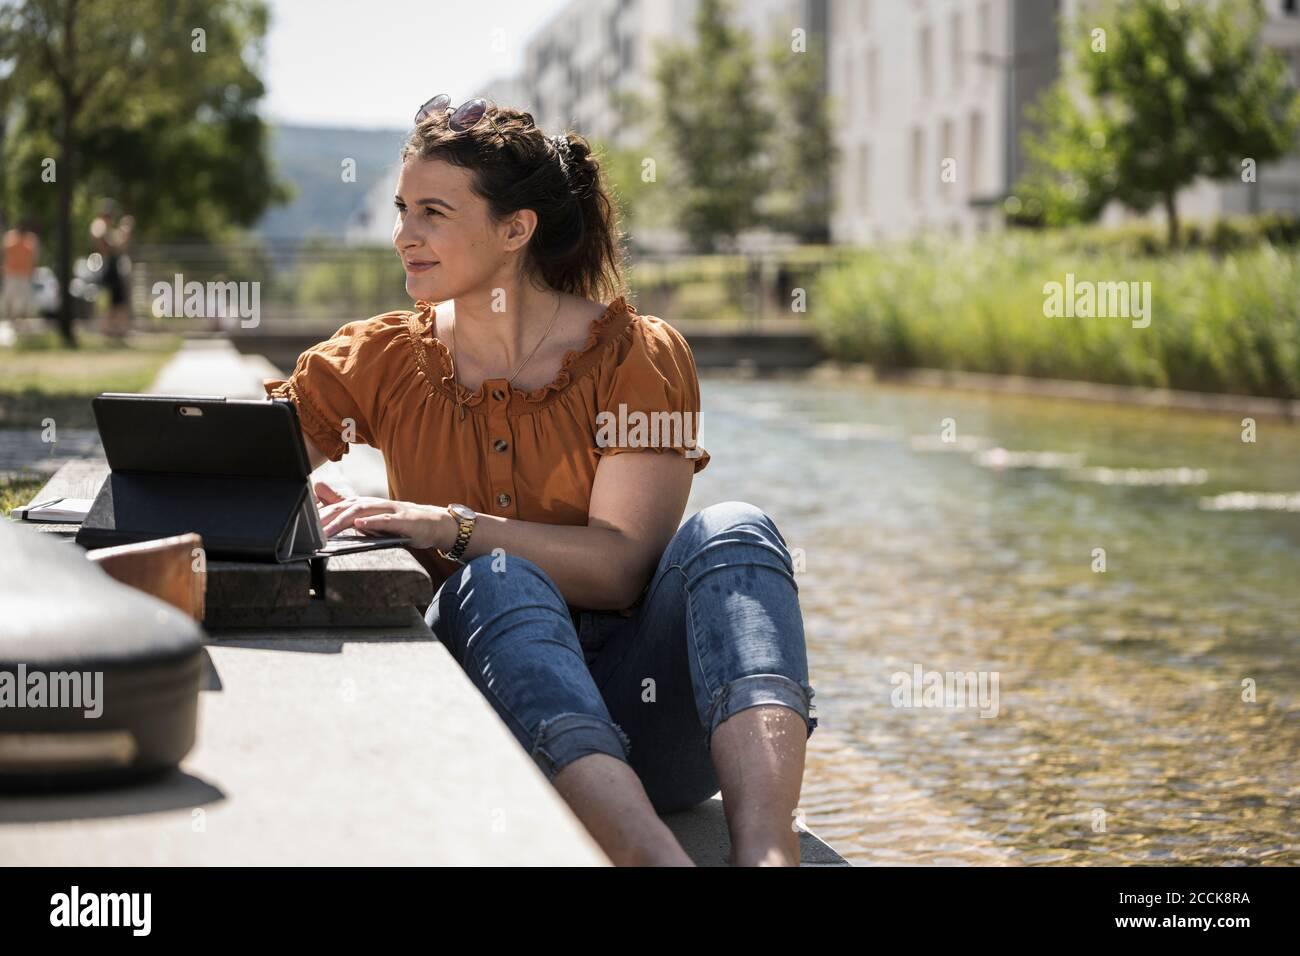 Donna premurosa con computer portatile seduto accanto al laghetto nel parco durante giorno di sole Foto Stock